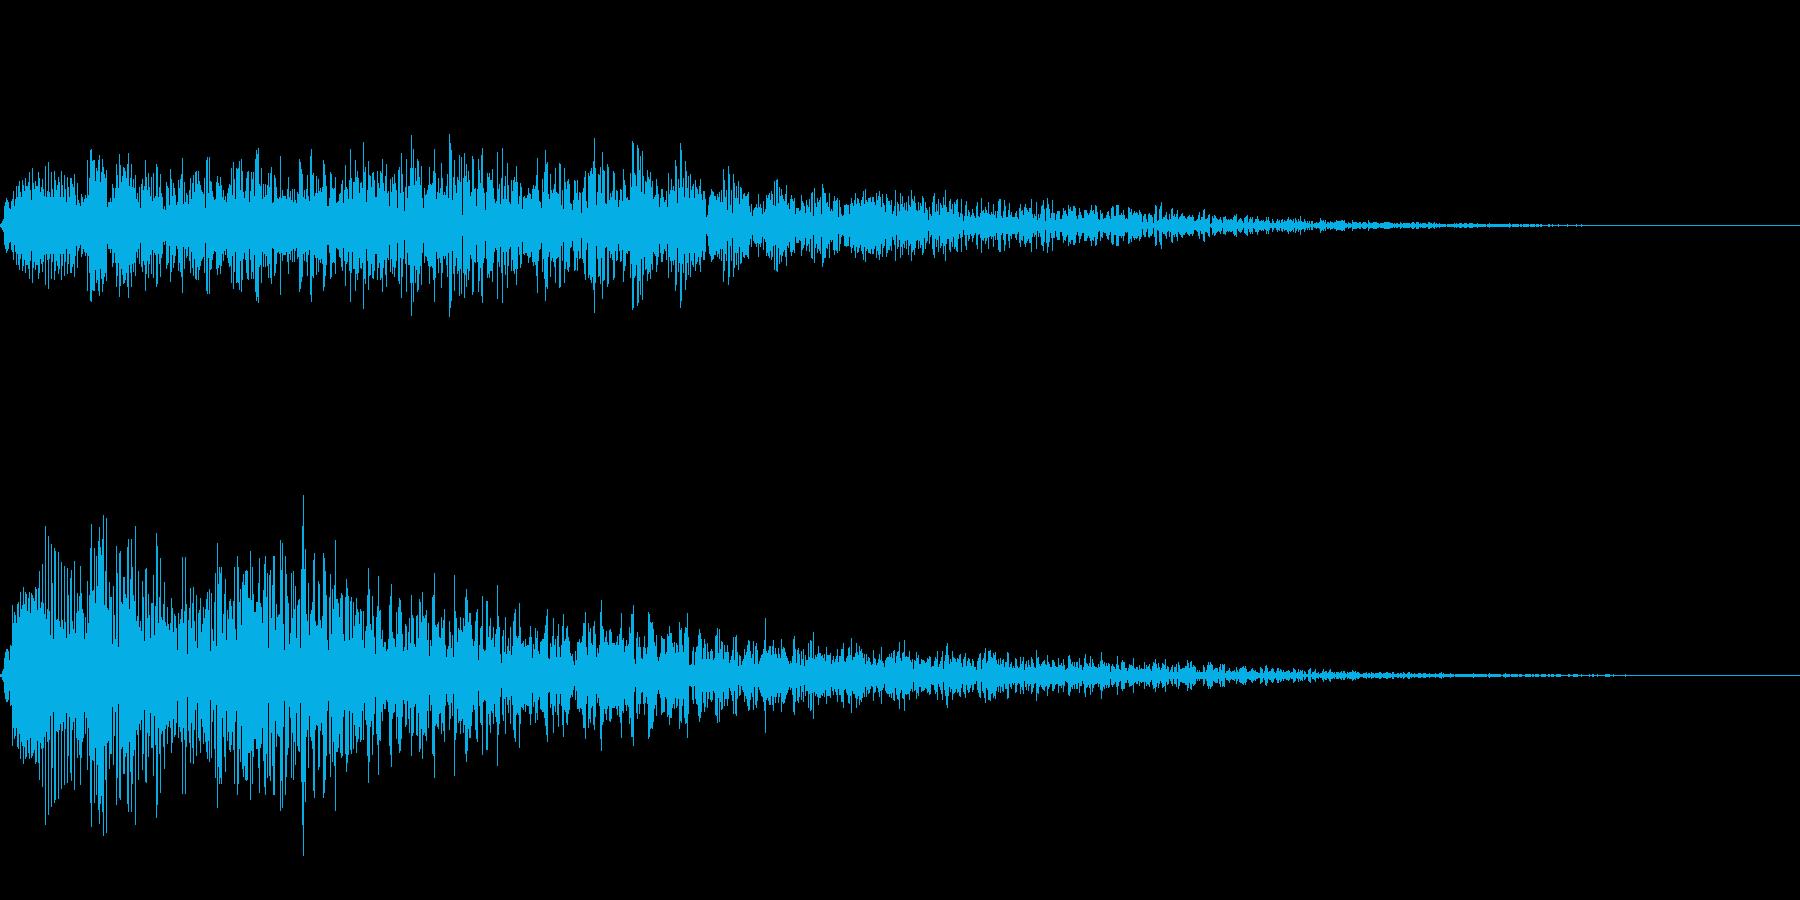 ゴージャスなキャンセル音1の再生済みの波形